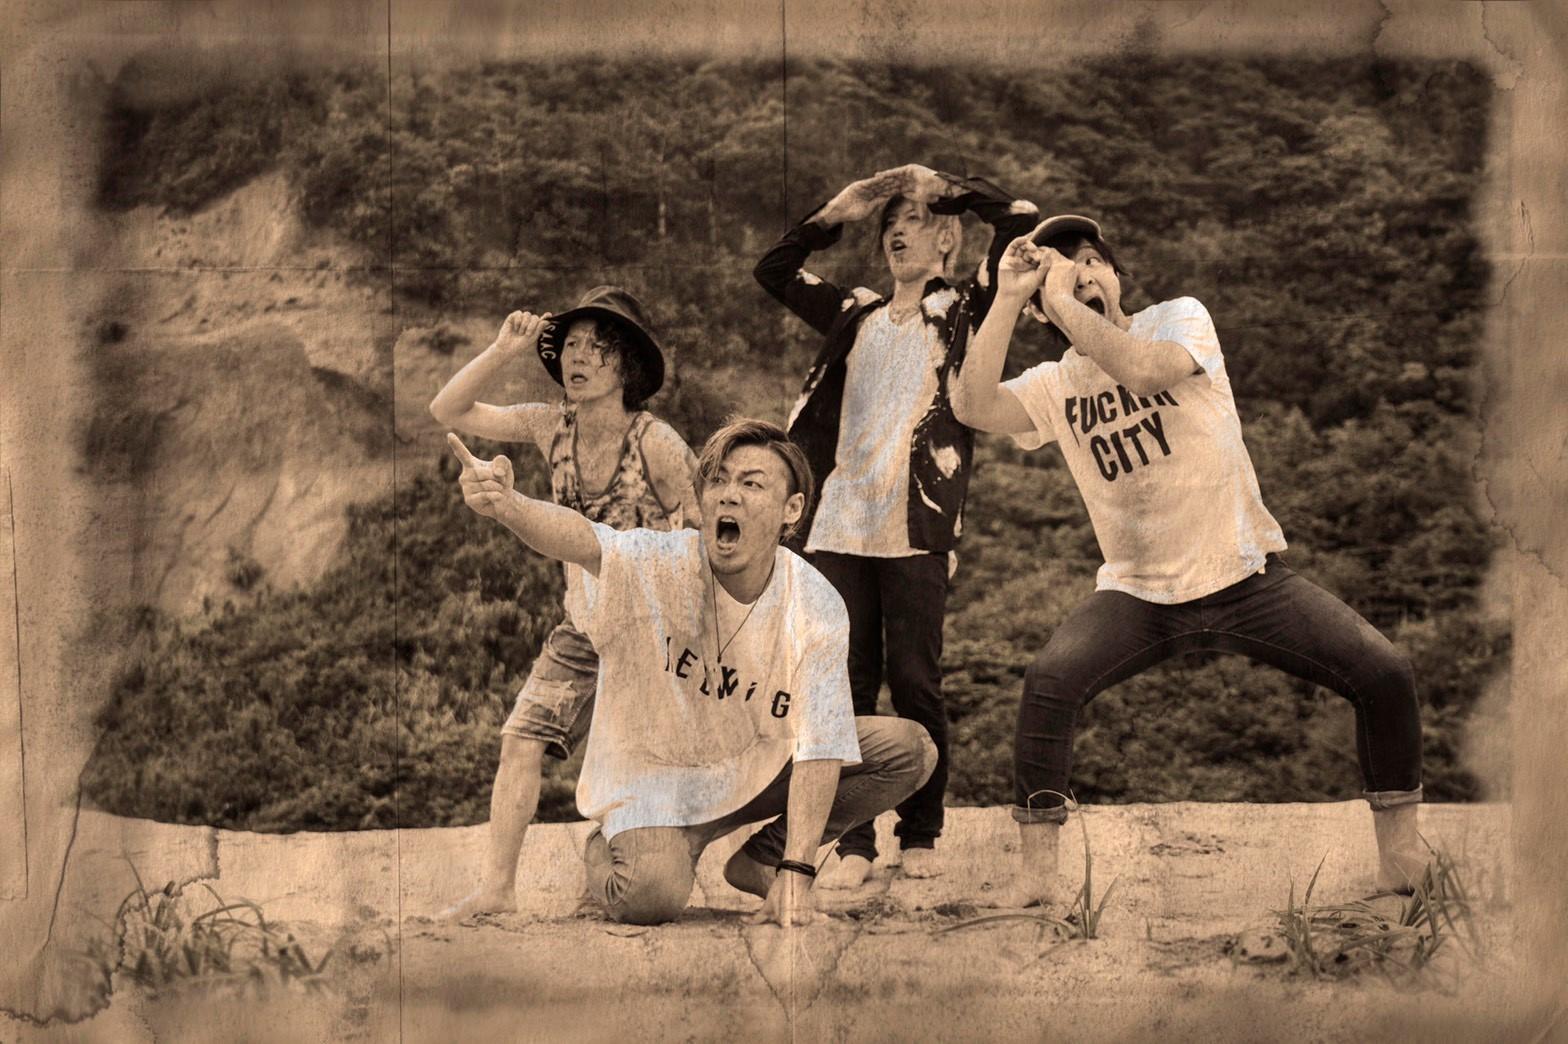 愛知県豊橋発エモロックバンドISAAC、フルアルバムのリリースを発表サムネイル画像